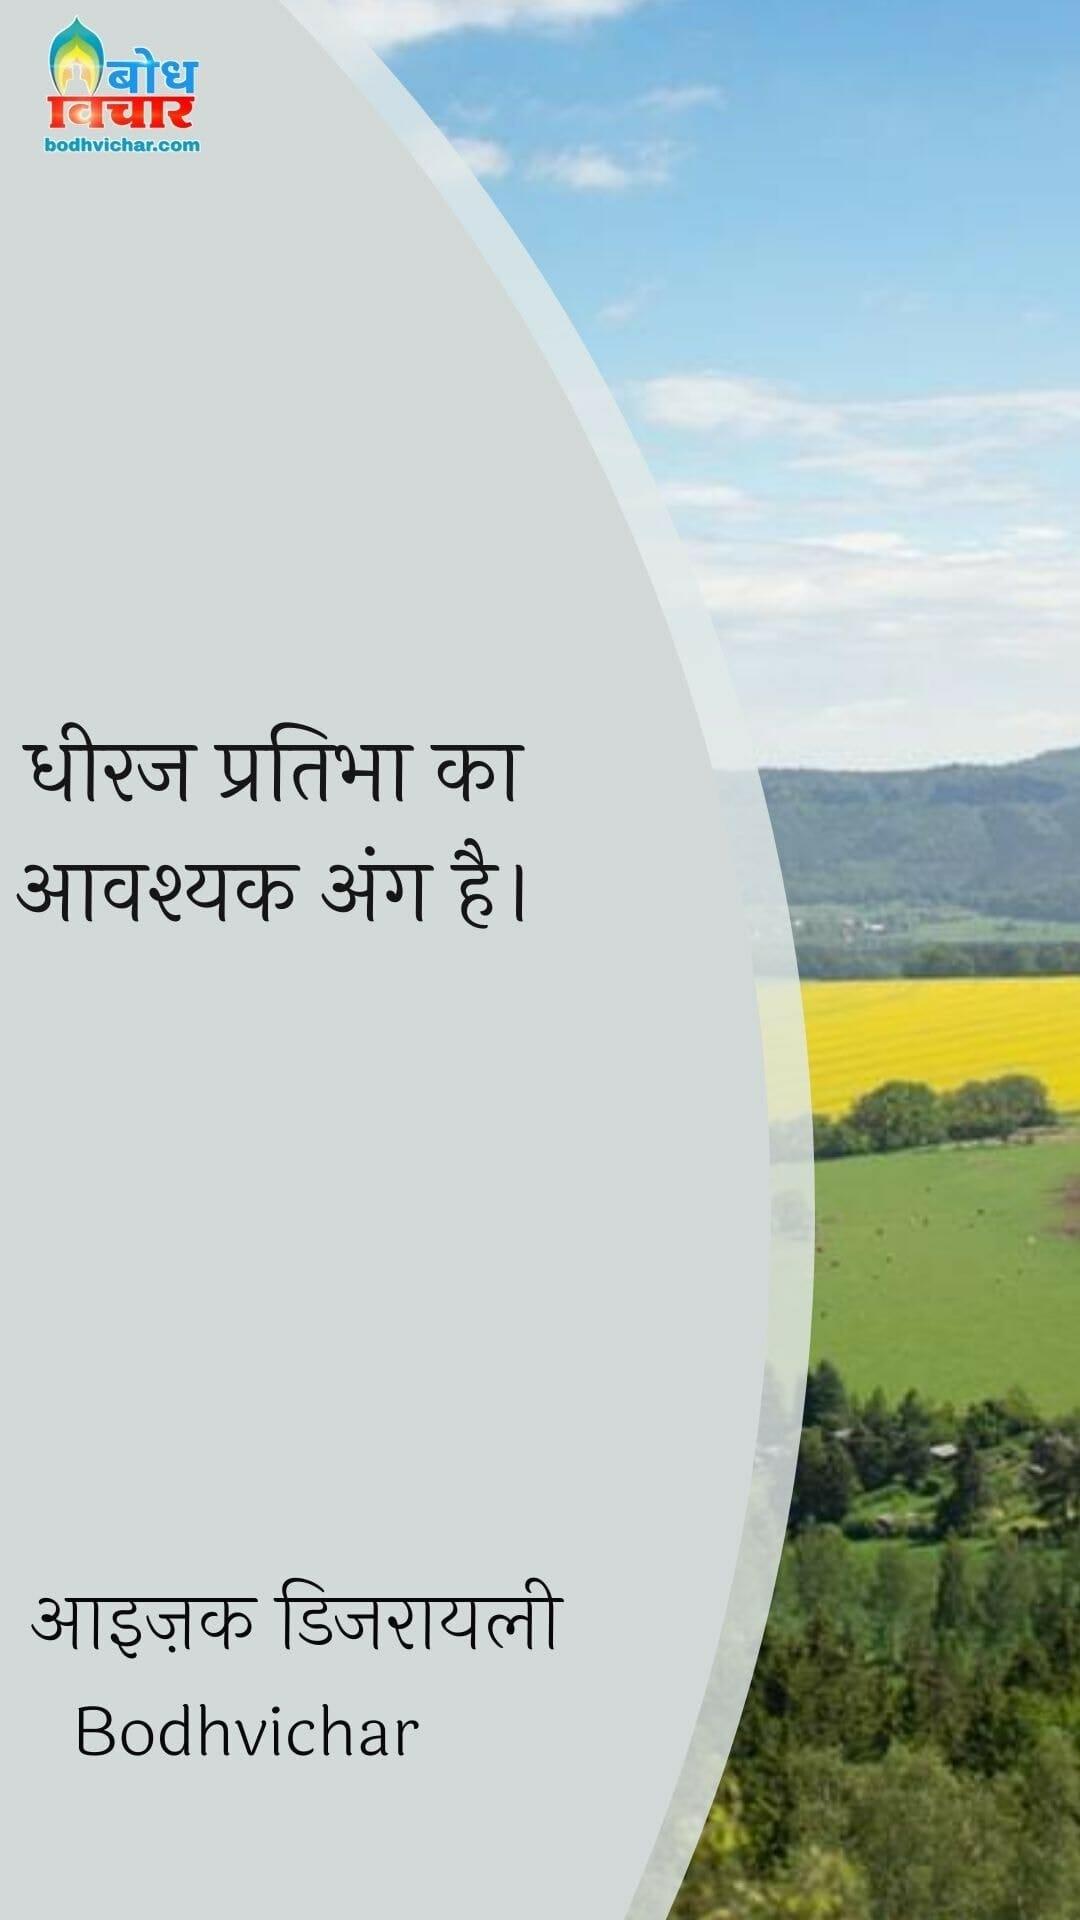 धीरज प्रतिभा का आवश्यक अंग है। : Dheeraj pratibha ka avashyakang hai. - आइज़क डिजरायली